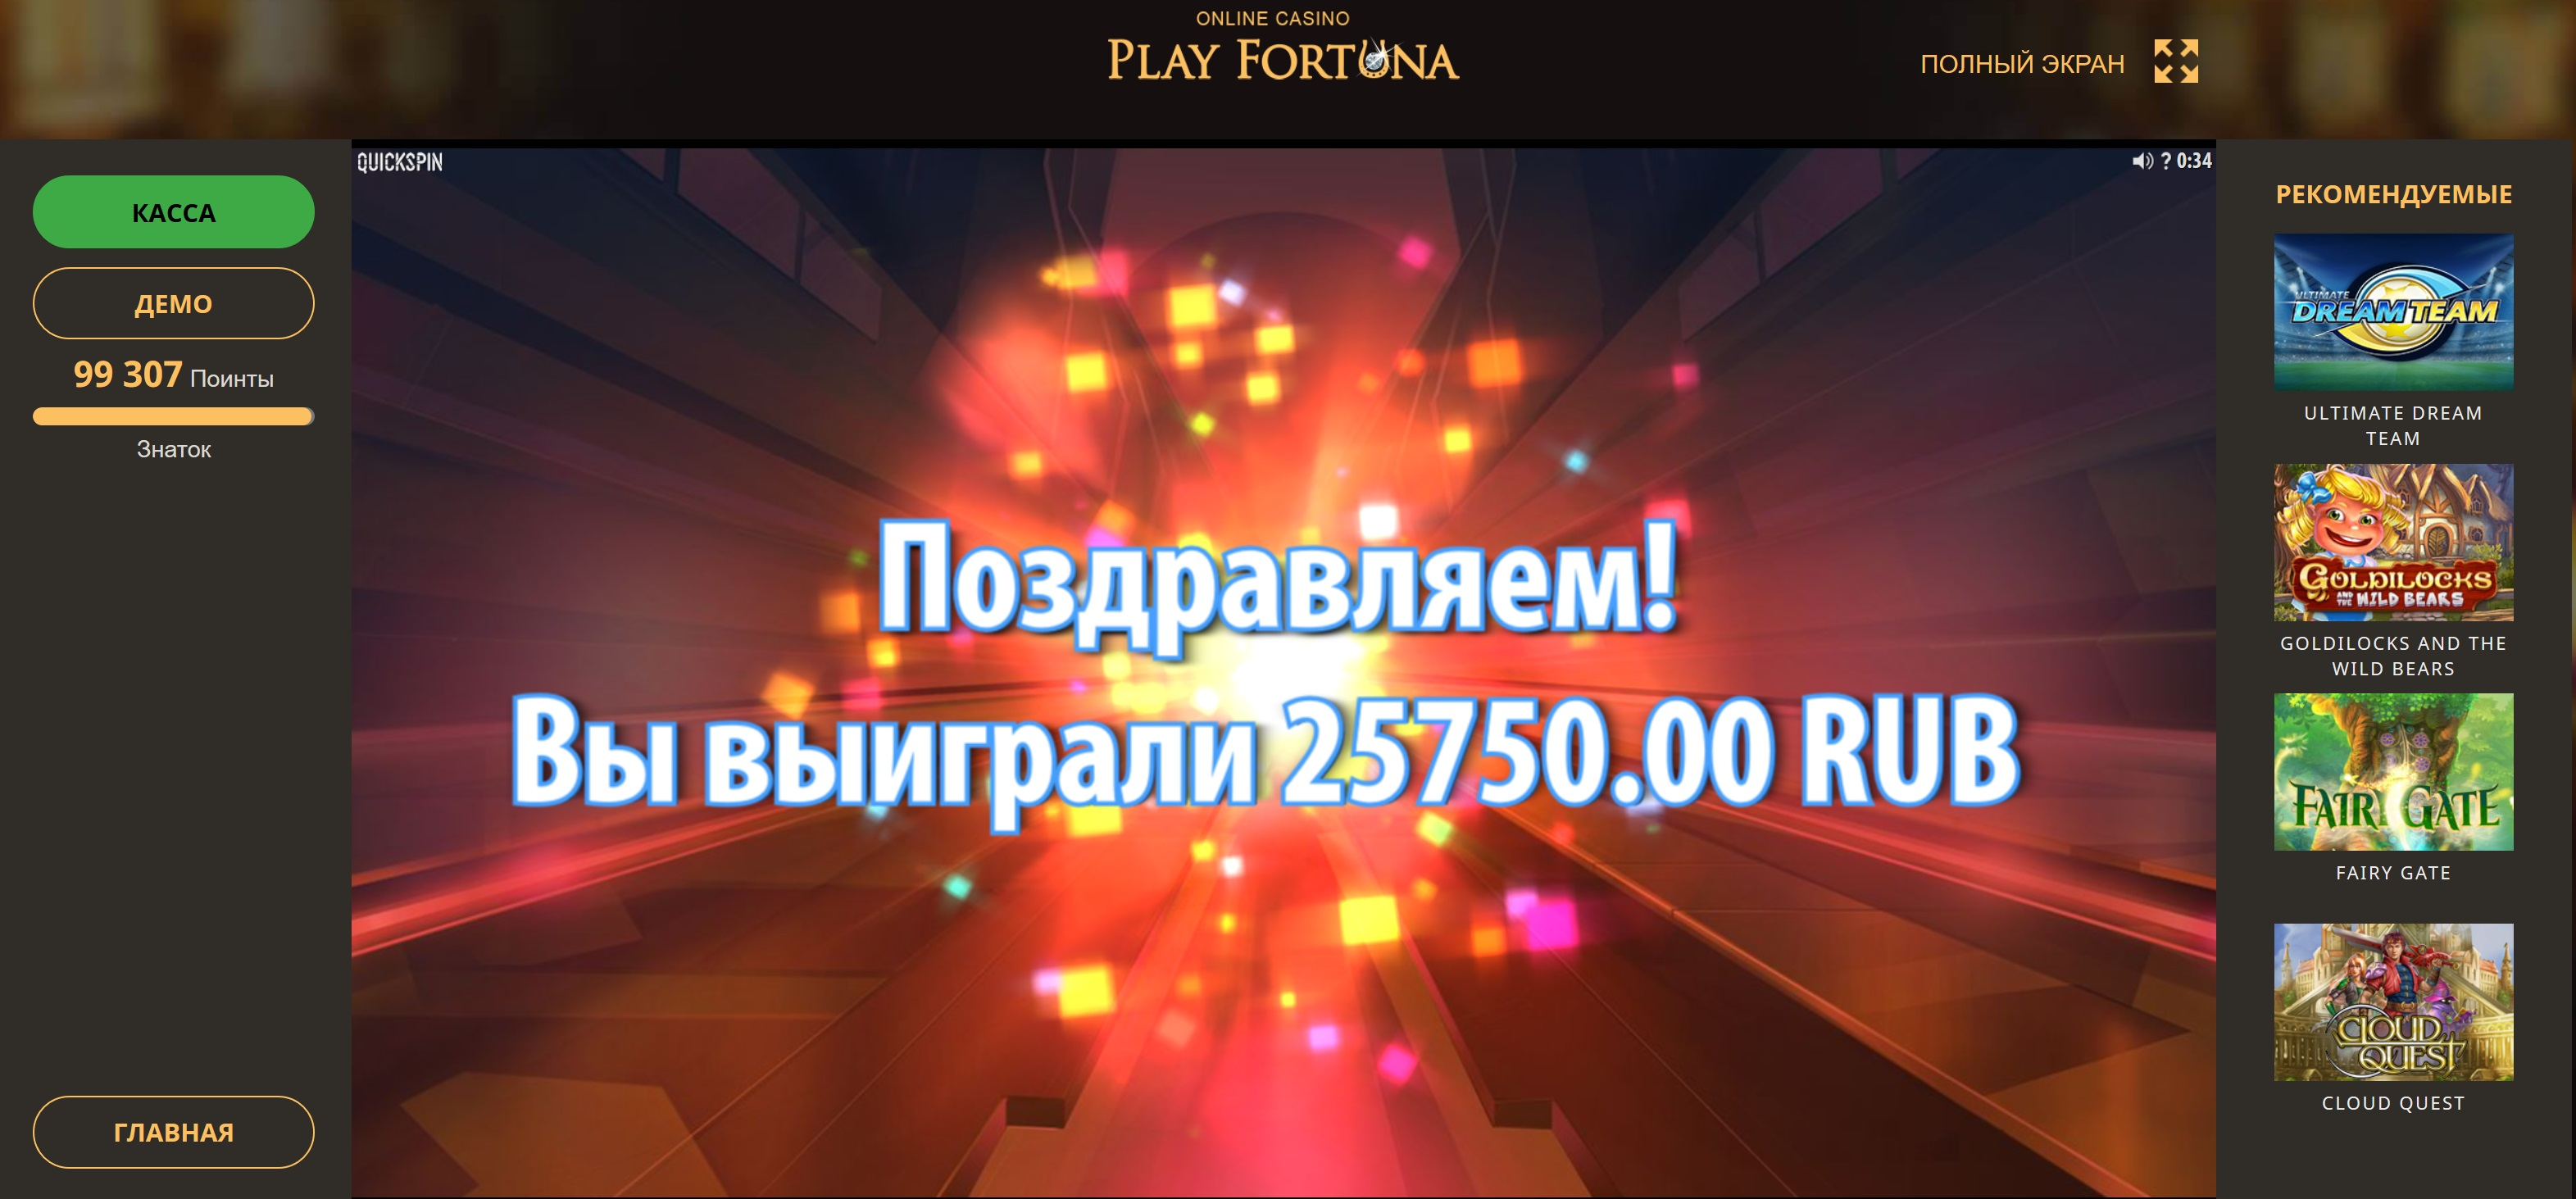 плей фортуна казино официальный вход